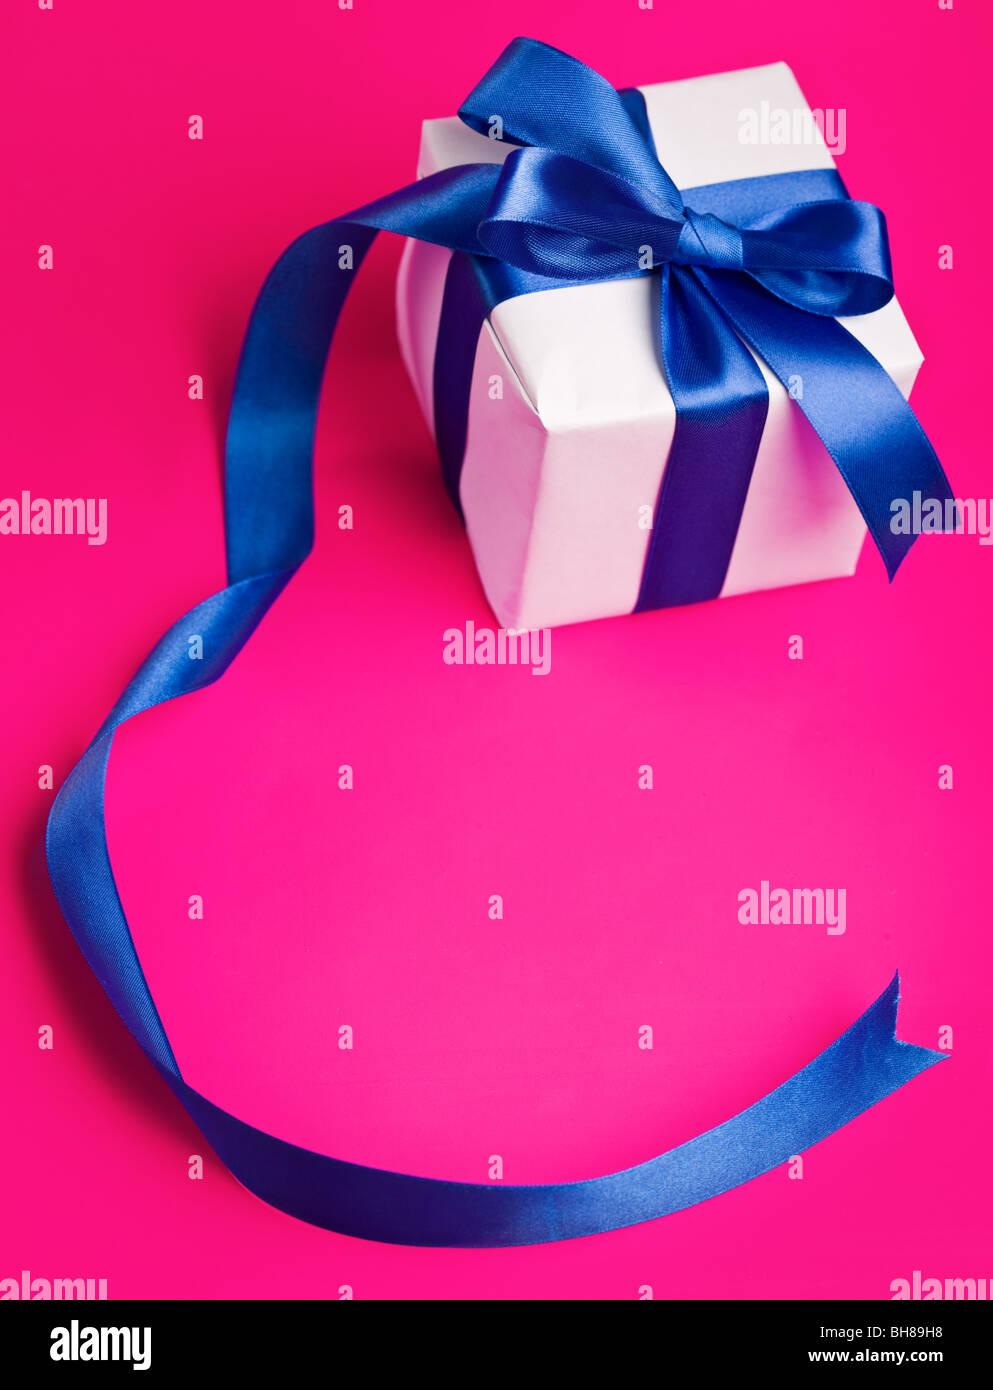 Don blanco en una cinta azul sobre un fondo de color rosa Imagen De Stock